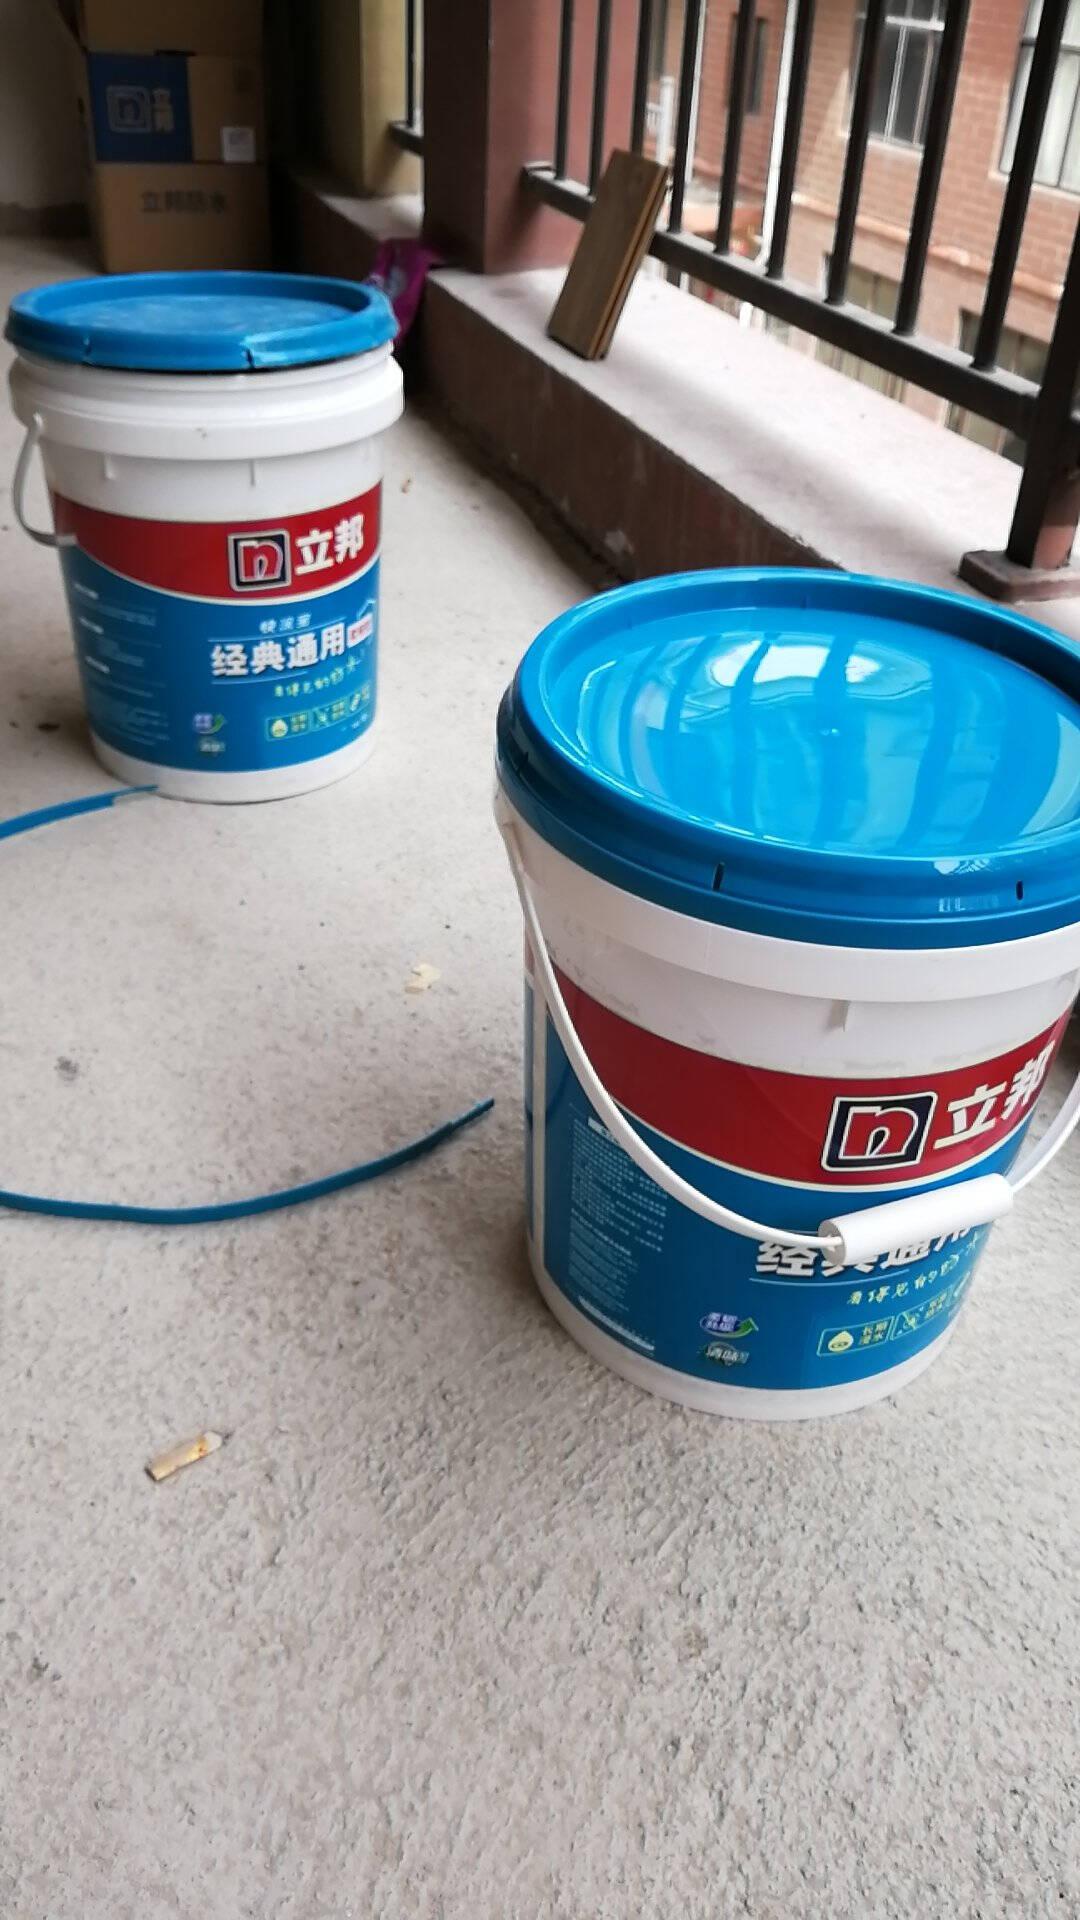 立邦防水涂料卫生间防水材料厨房阳台防水补漏胶浆快涂宝通用防水18kg